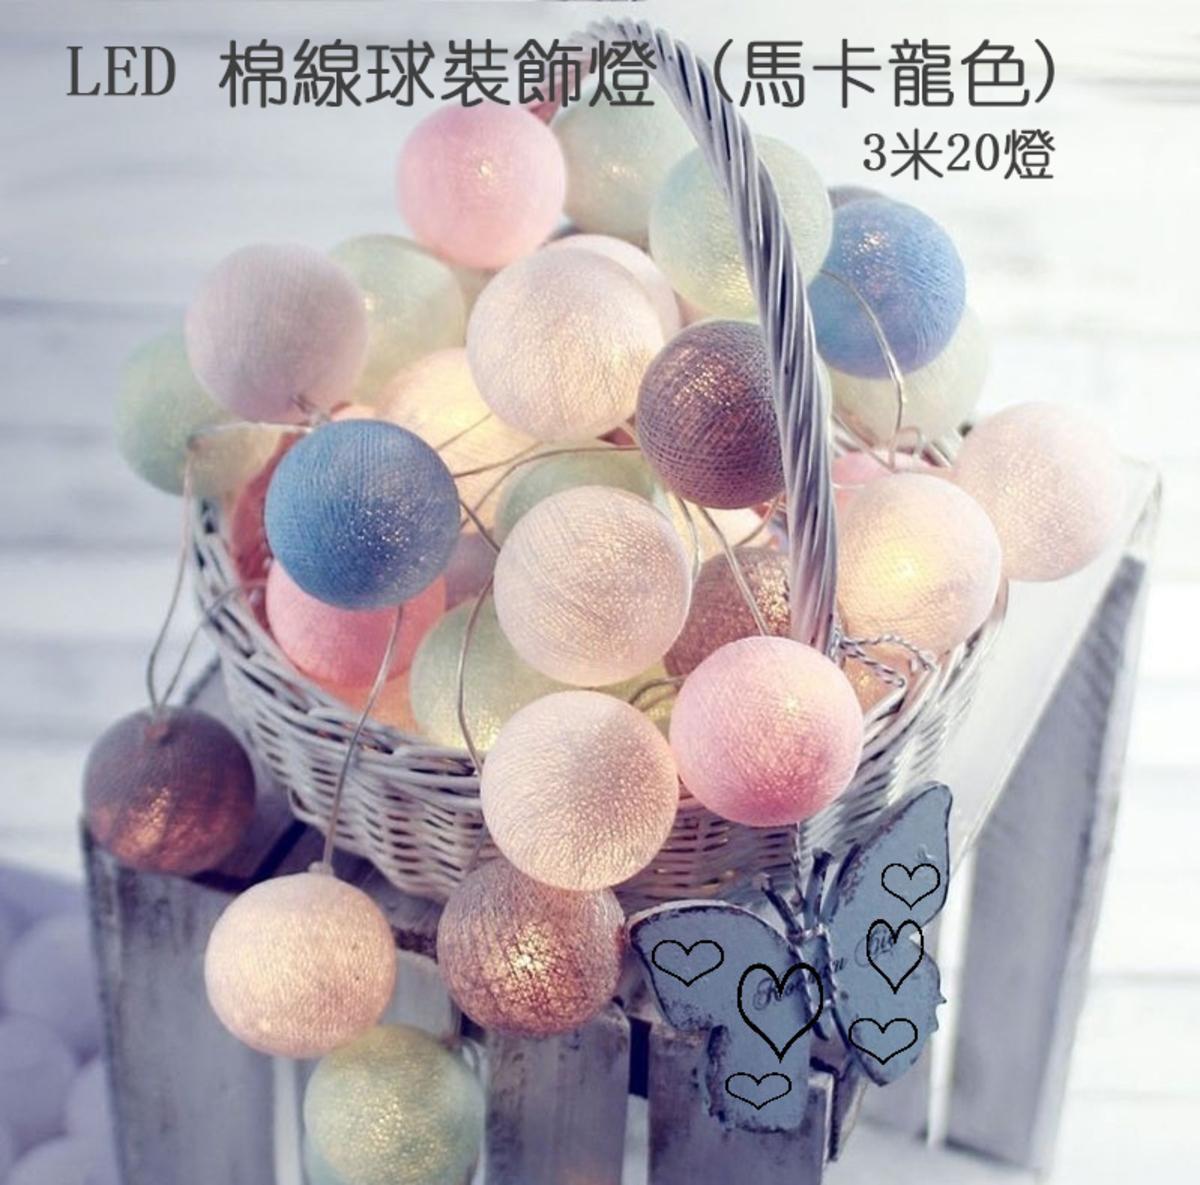 LED 棉線球裝飾燈 (馬卡龍色)